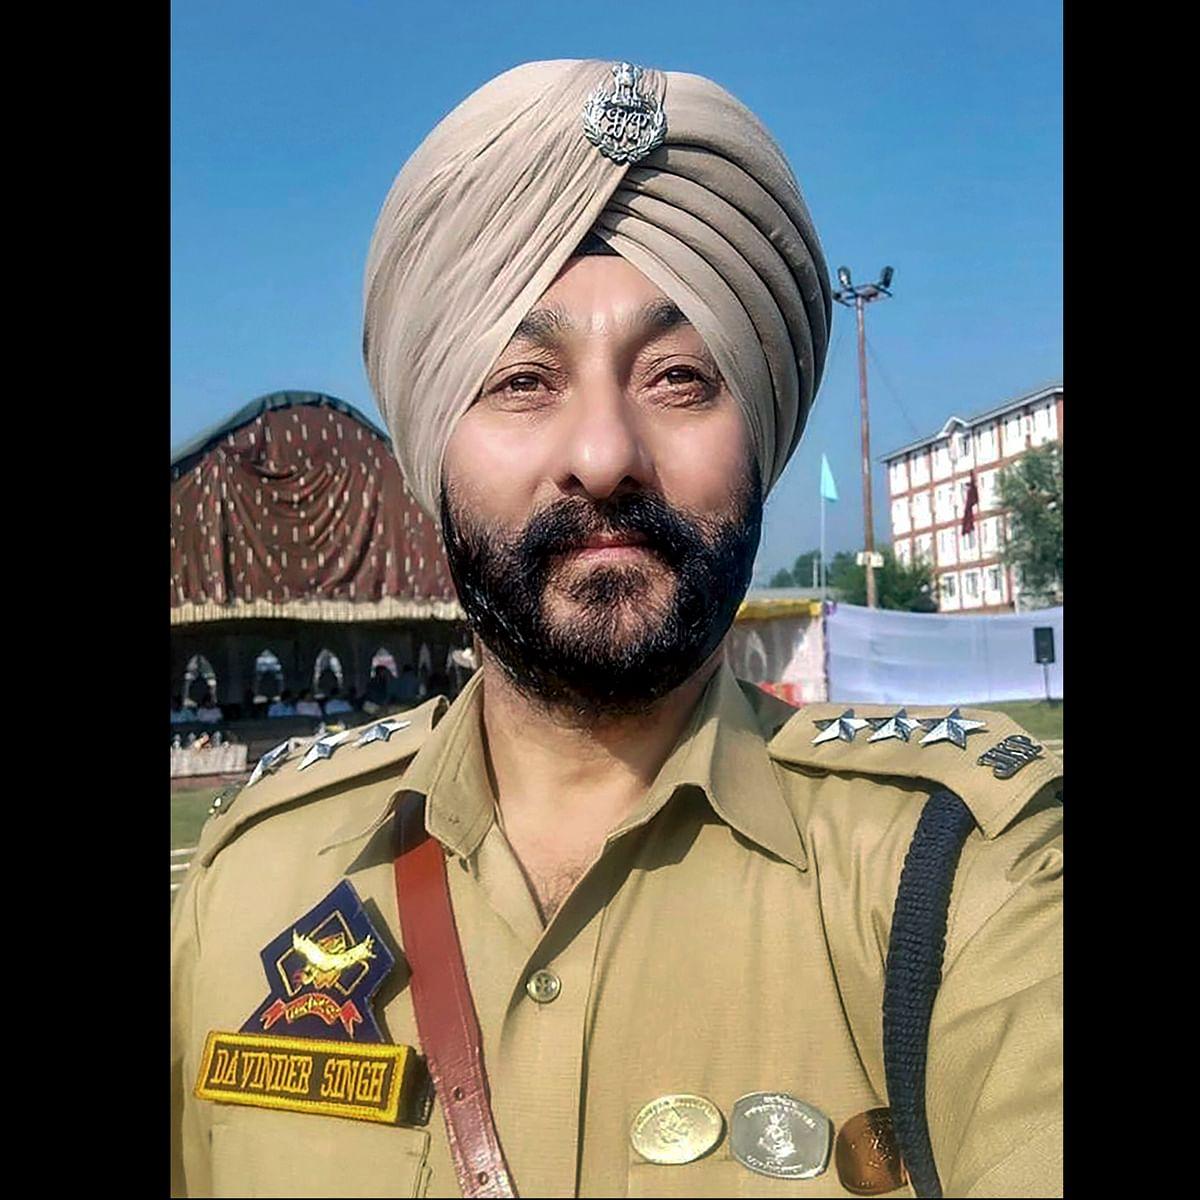 Arrested J&K DSP Davinder Singh suspended, had sheltered terrorists at his residence